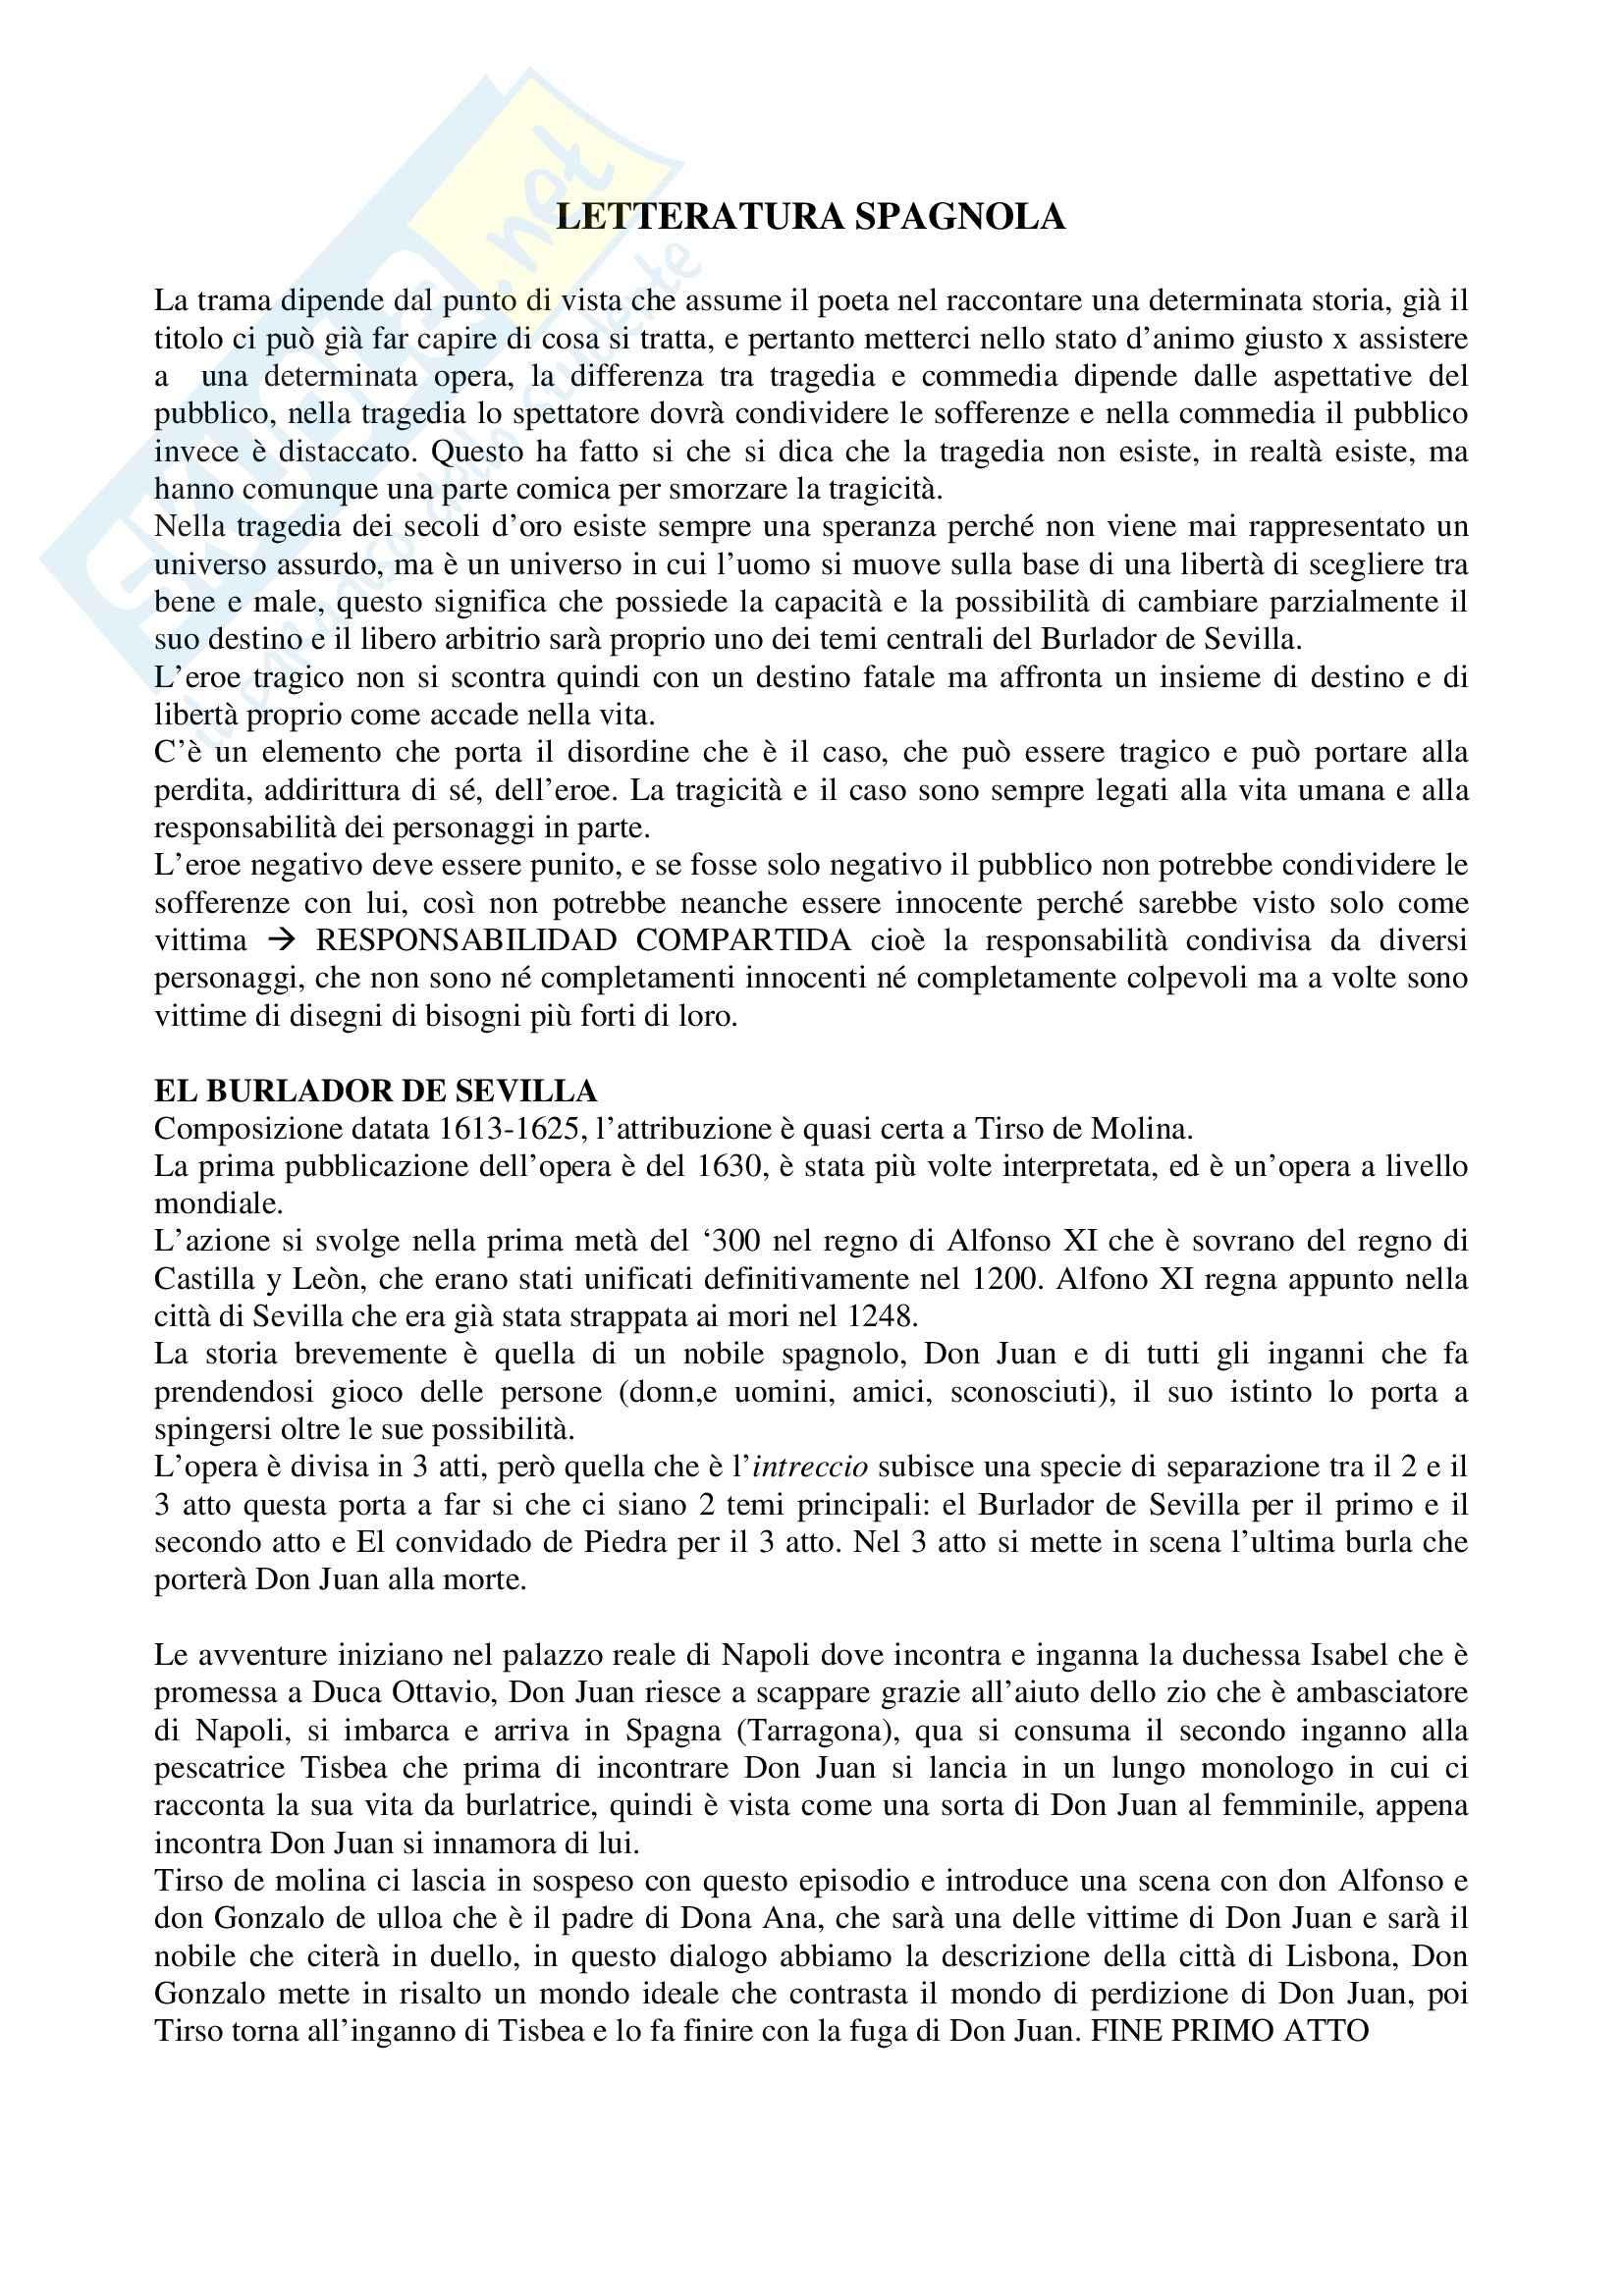 appunto F. Crippa Letteratura spagnola